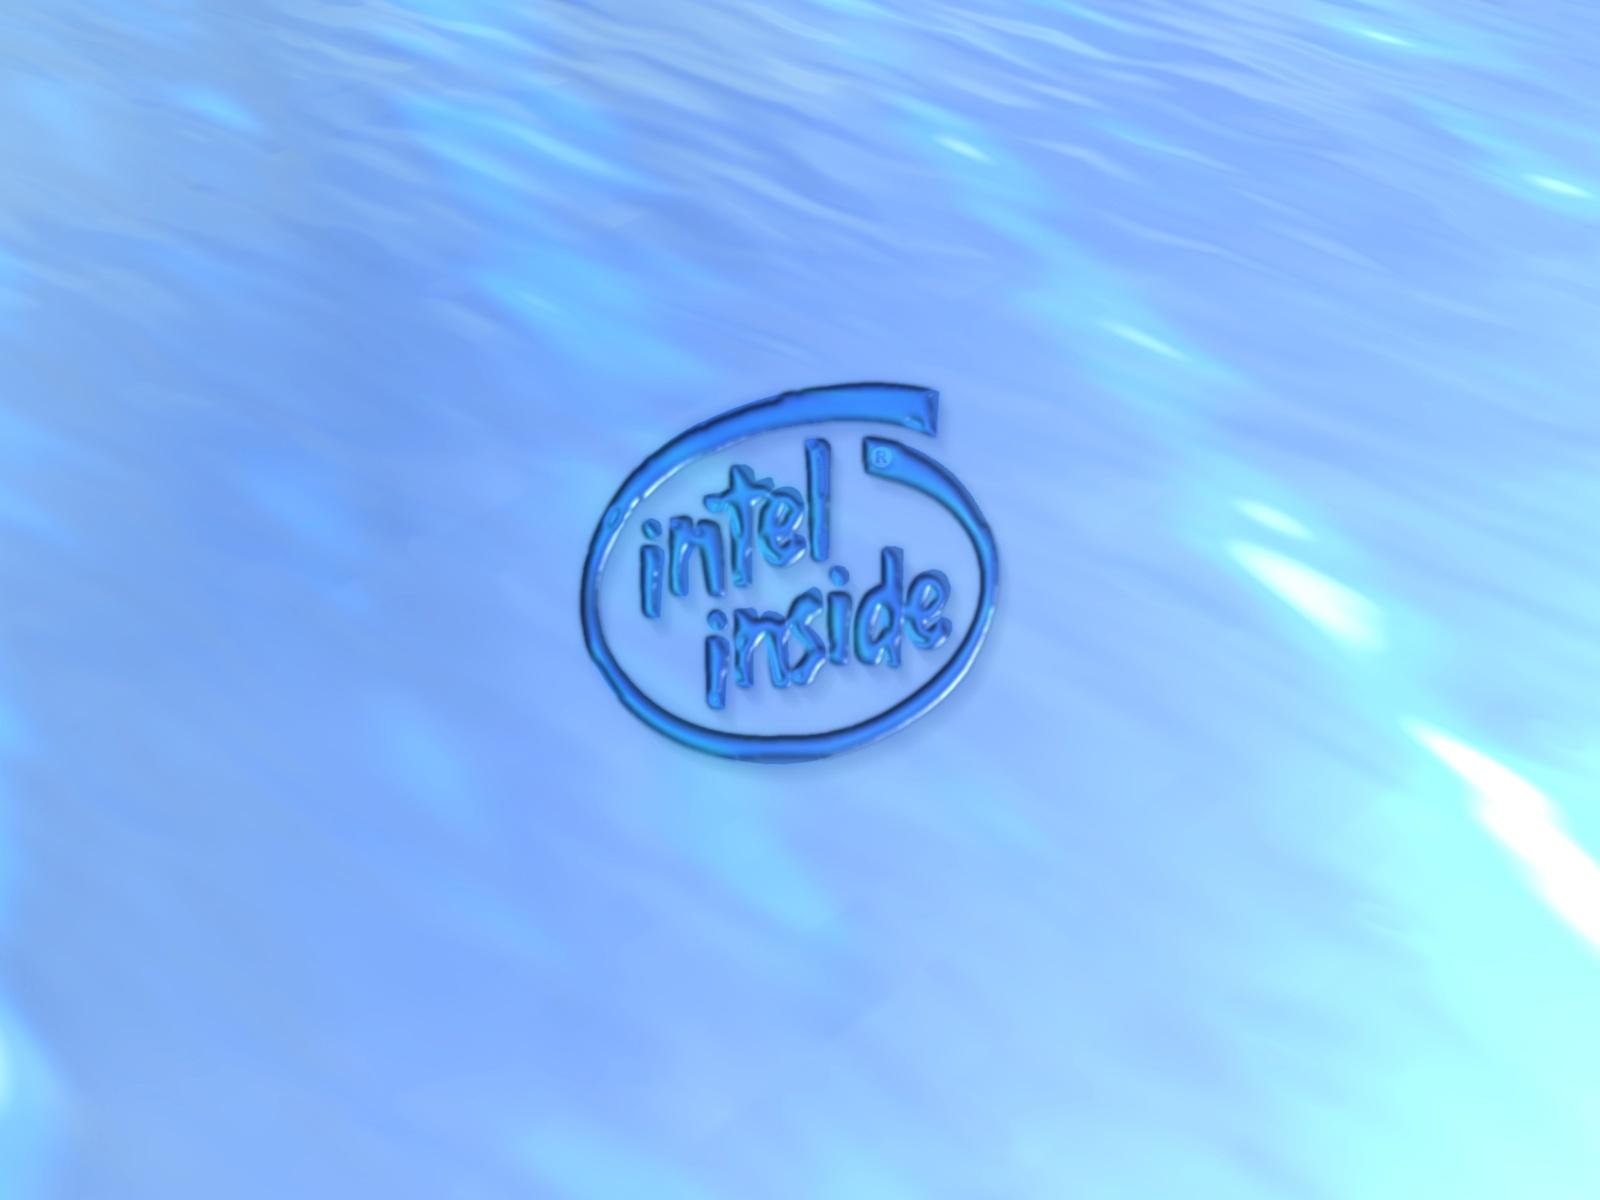 http://3.bp.blogspot.com/-QaT6yJy8KAk/T8_Nks9RHRI/AAAAAAAAAAc/fA9enlDVuts/s1600/intel_inside_bajo_el_agua-1600x1200.jpg